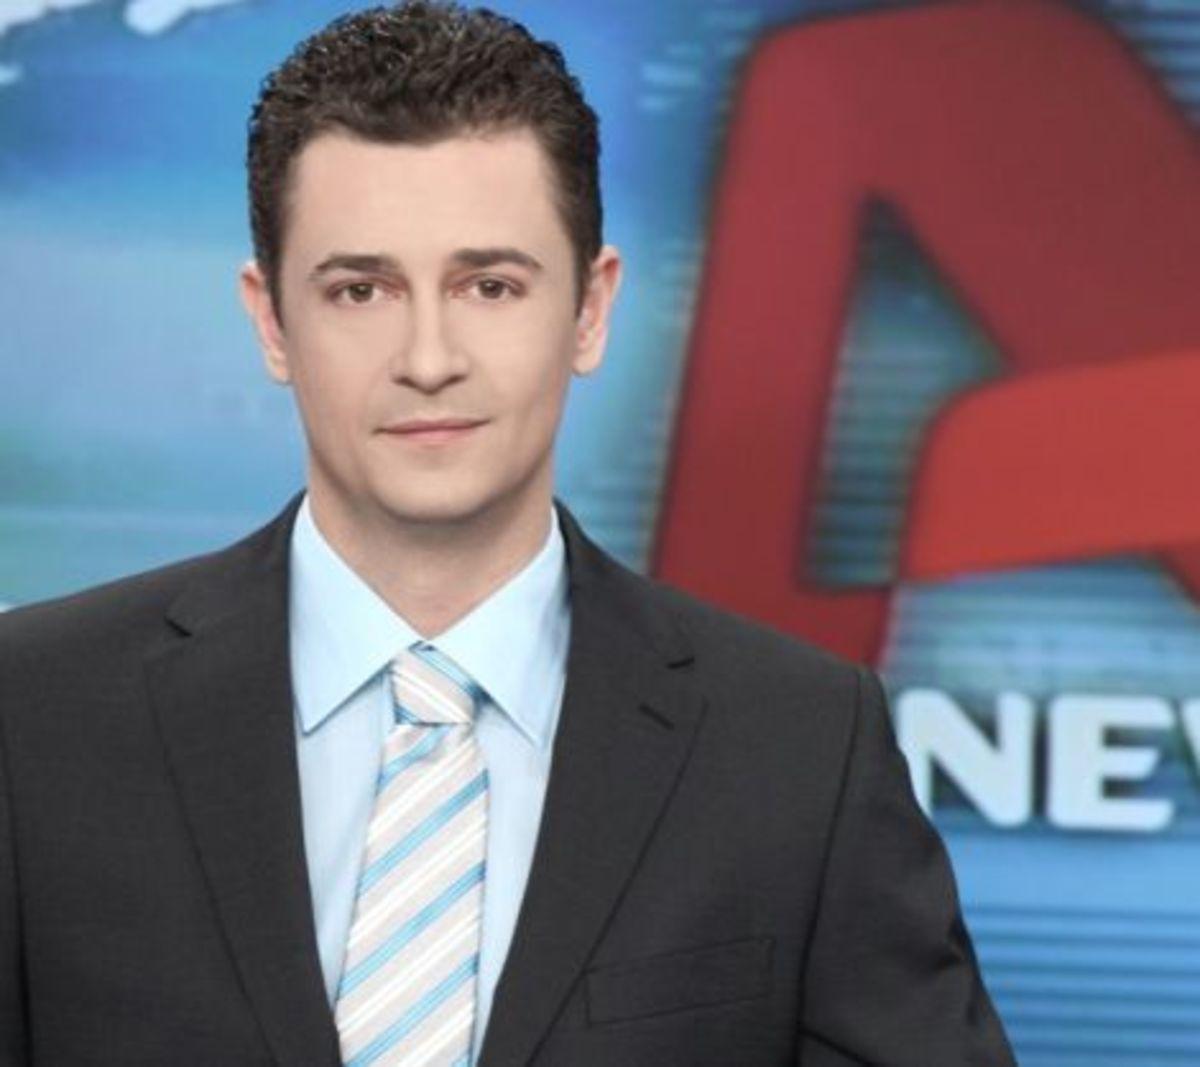 ΑΠΟΚΑΛΥΠΤΙΚΟ: Τέλος το στούντιο για τον Αντώνη Σρόιτερ!   Newsit.gr